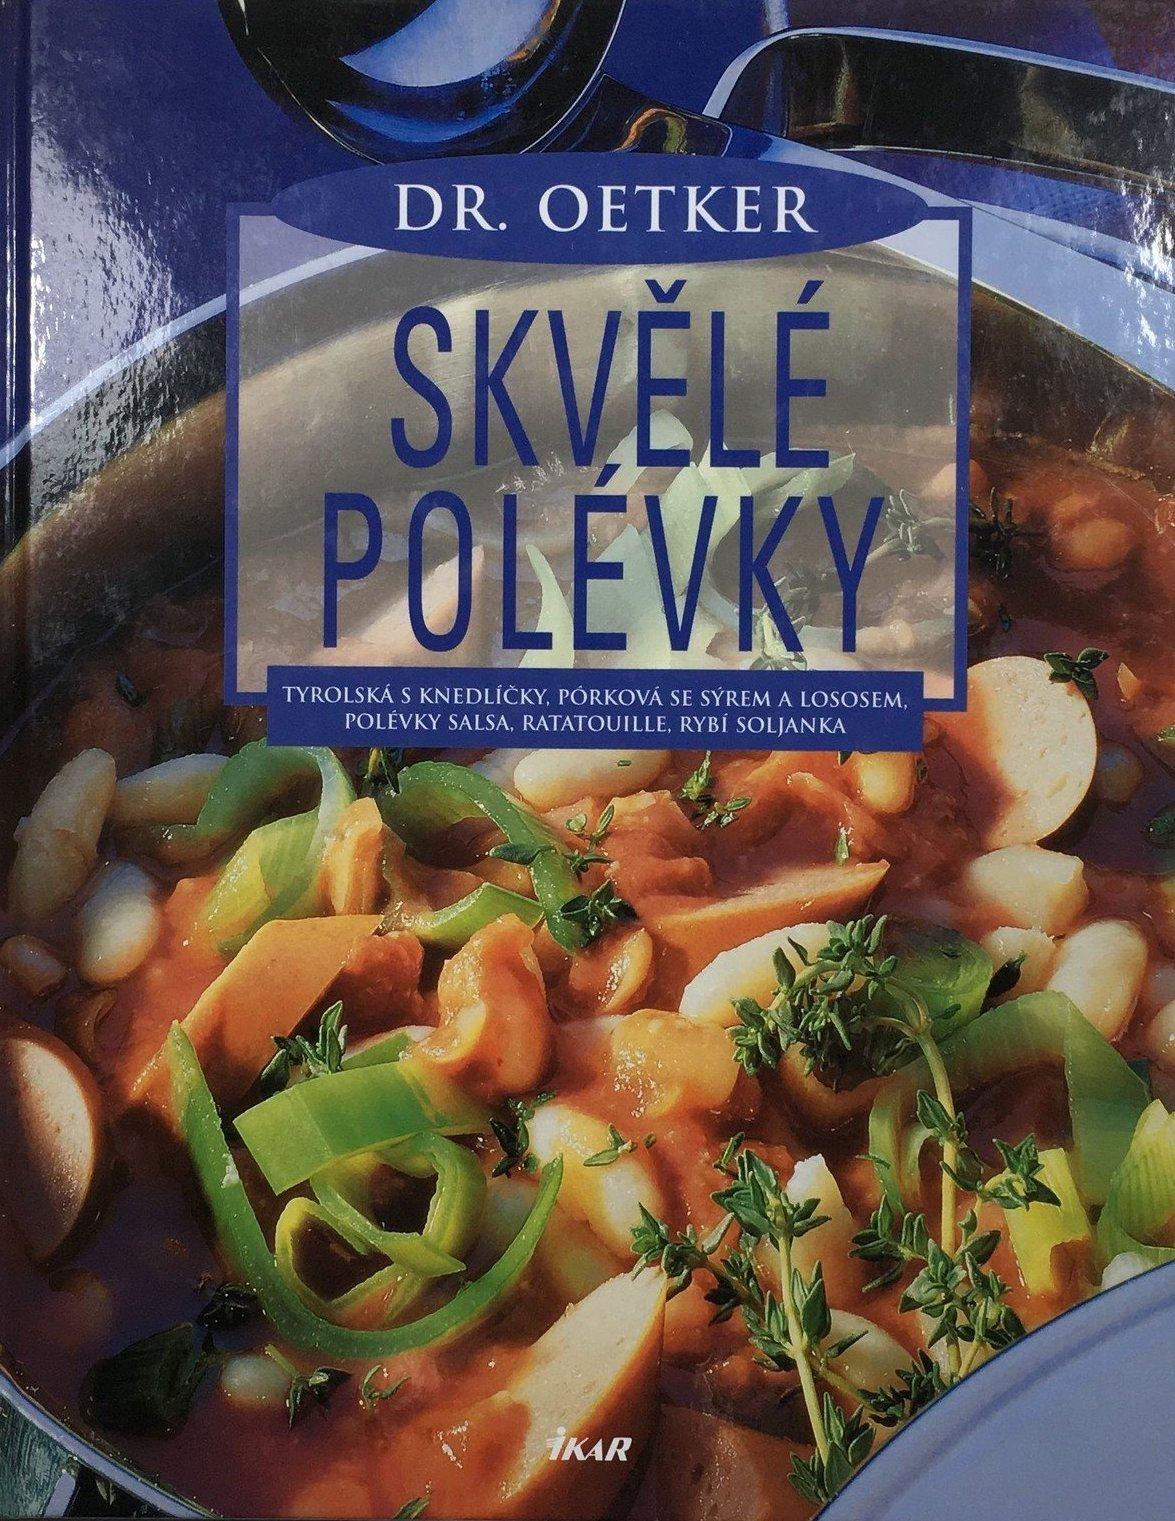 Skvělé polévky - Dr. Oetker /bazarové zboží/